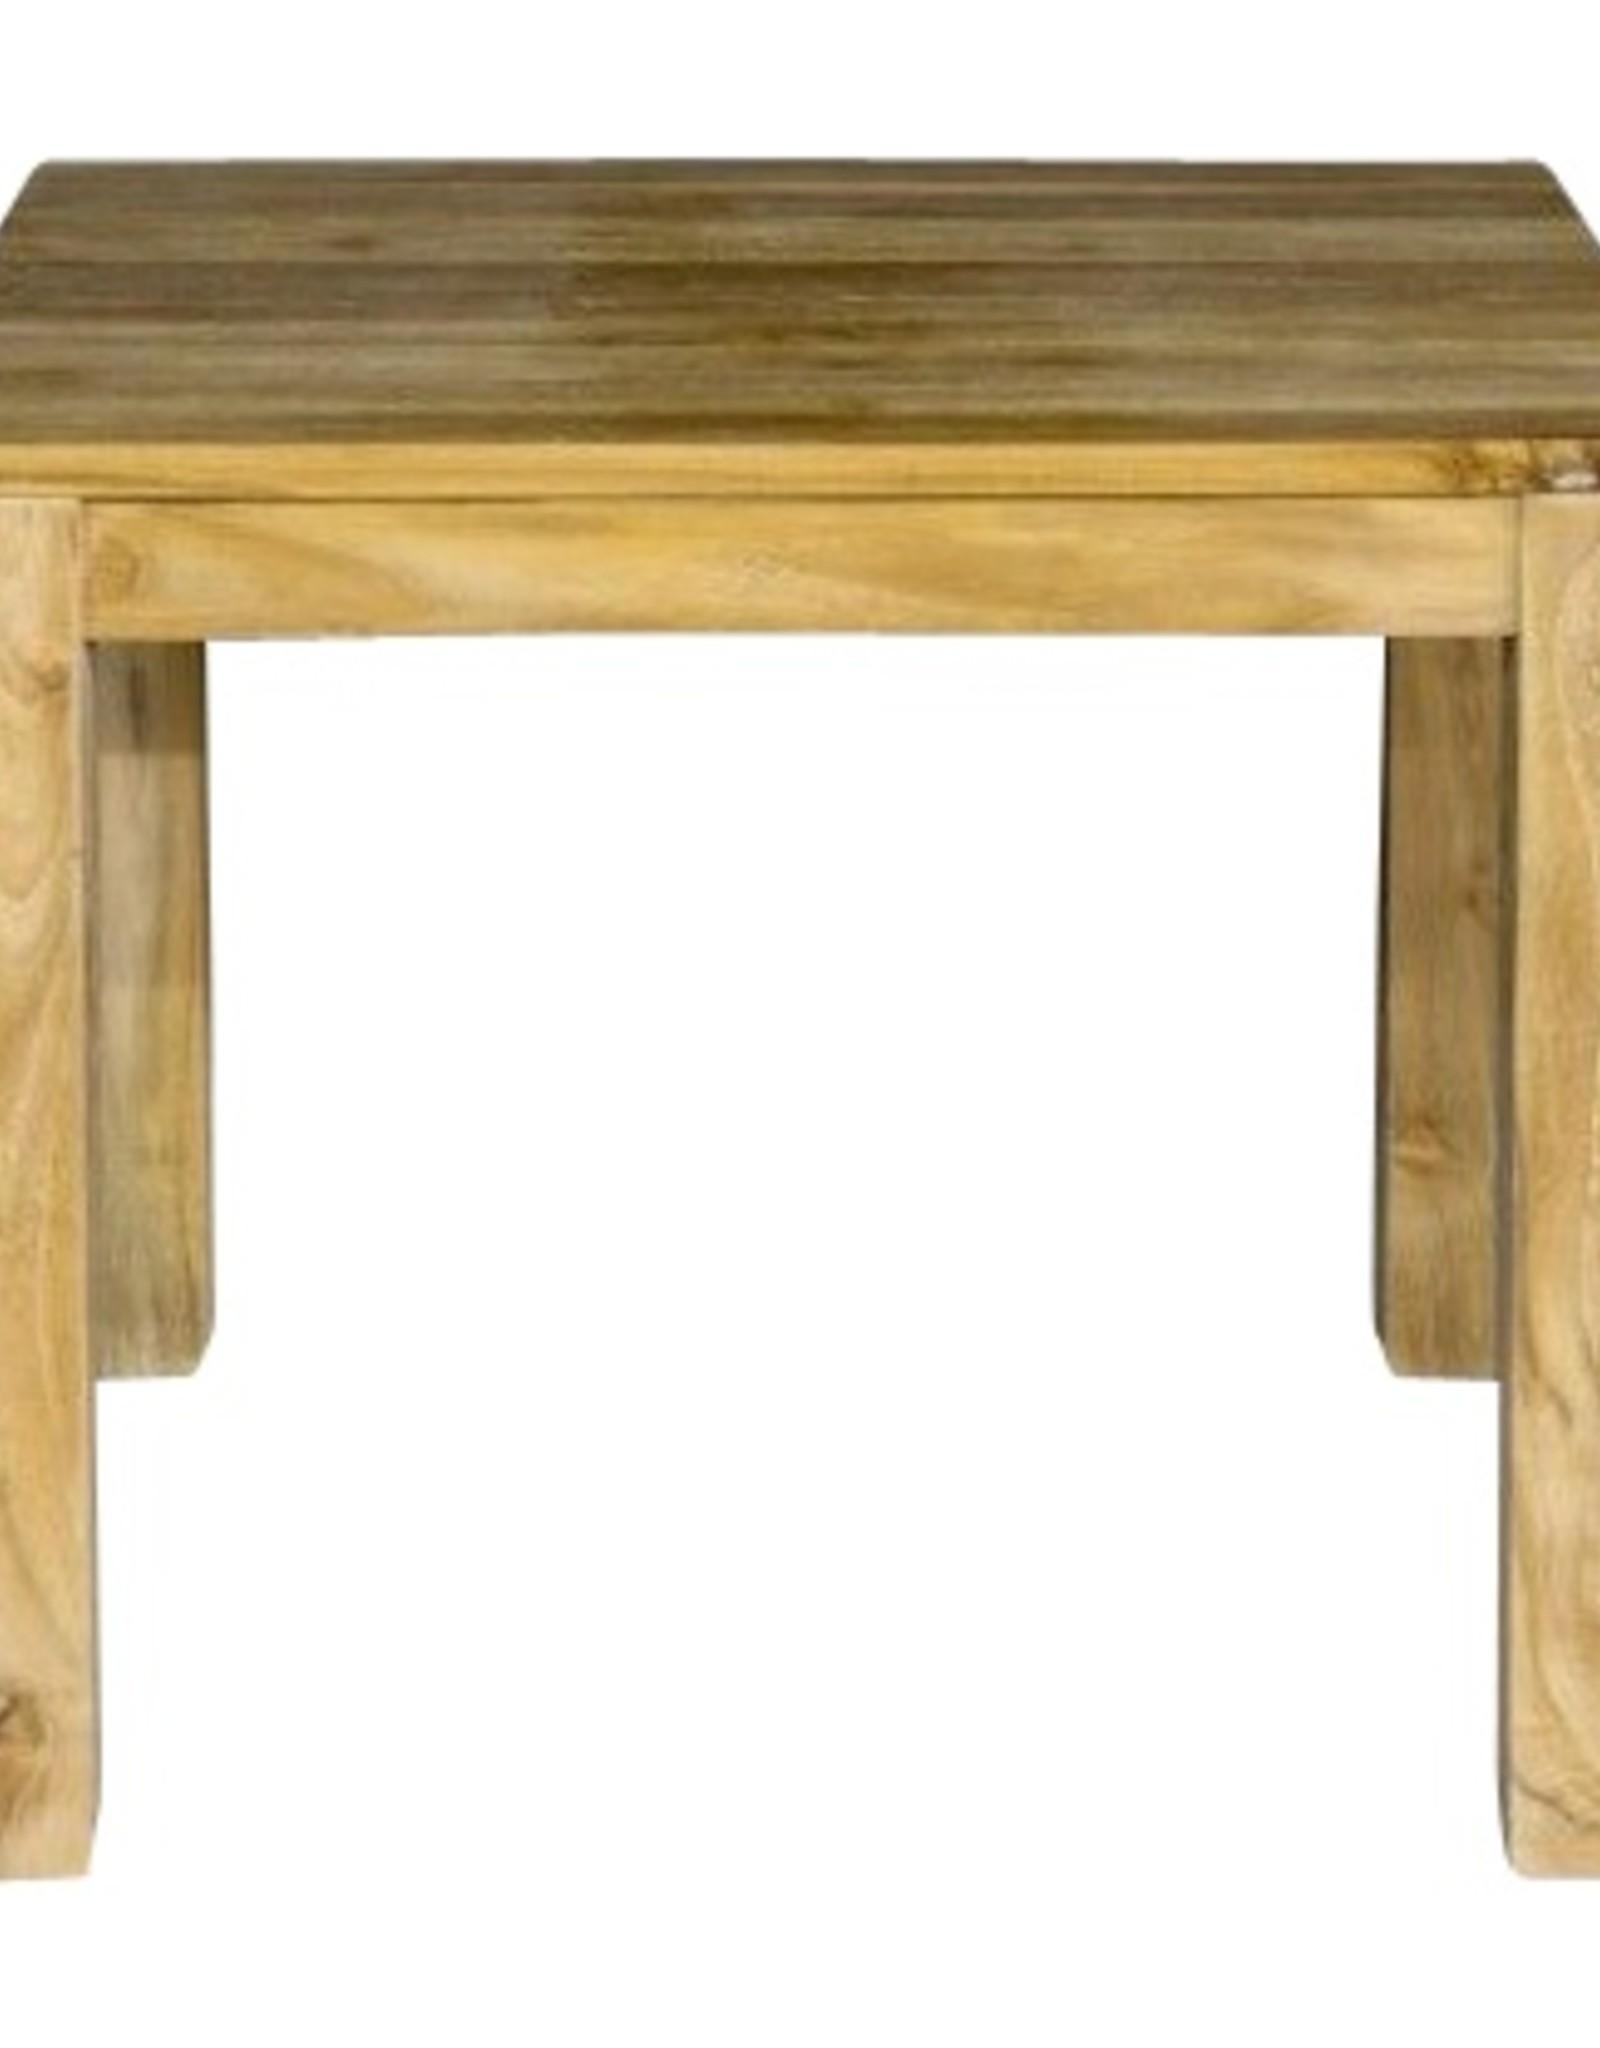 Vierkante eettafel zonder overhang